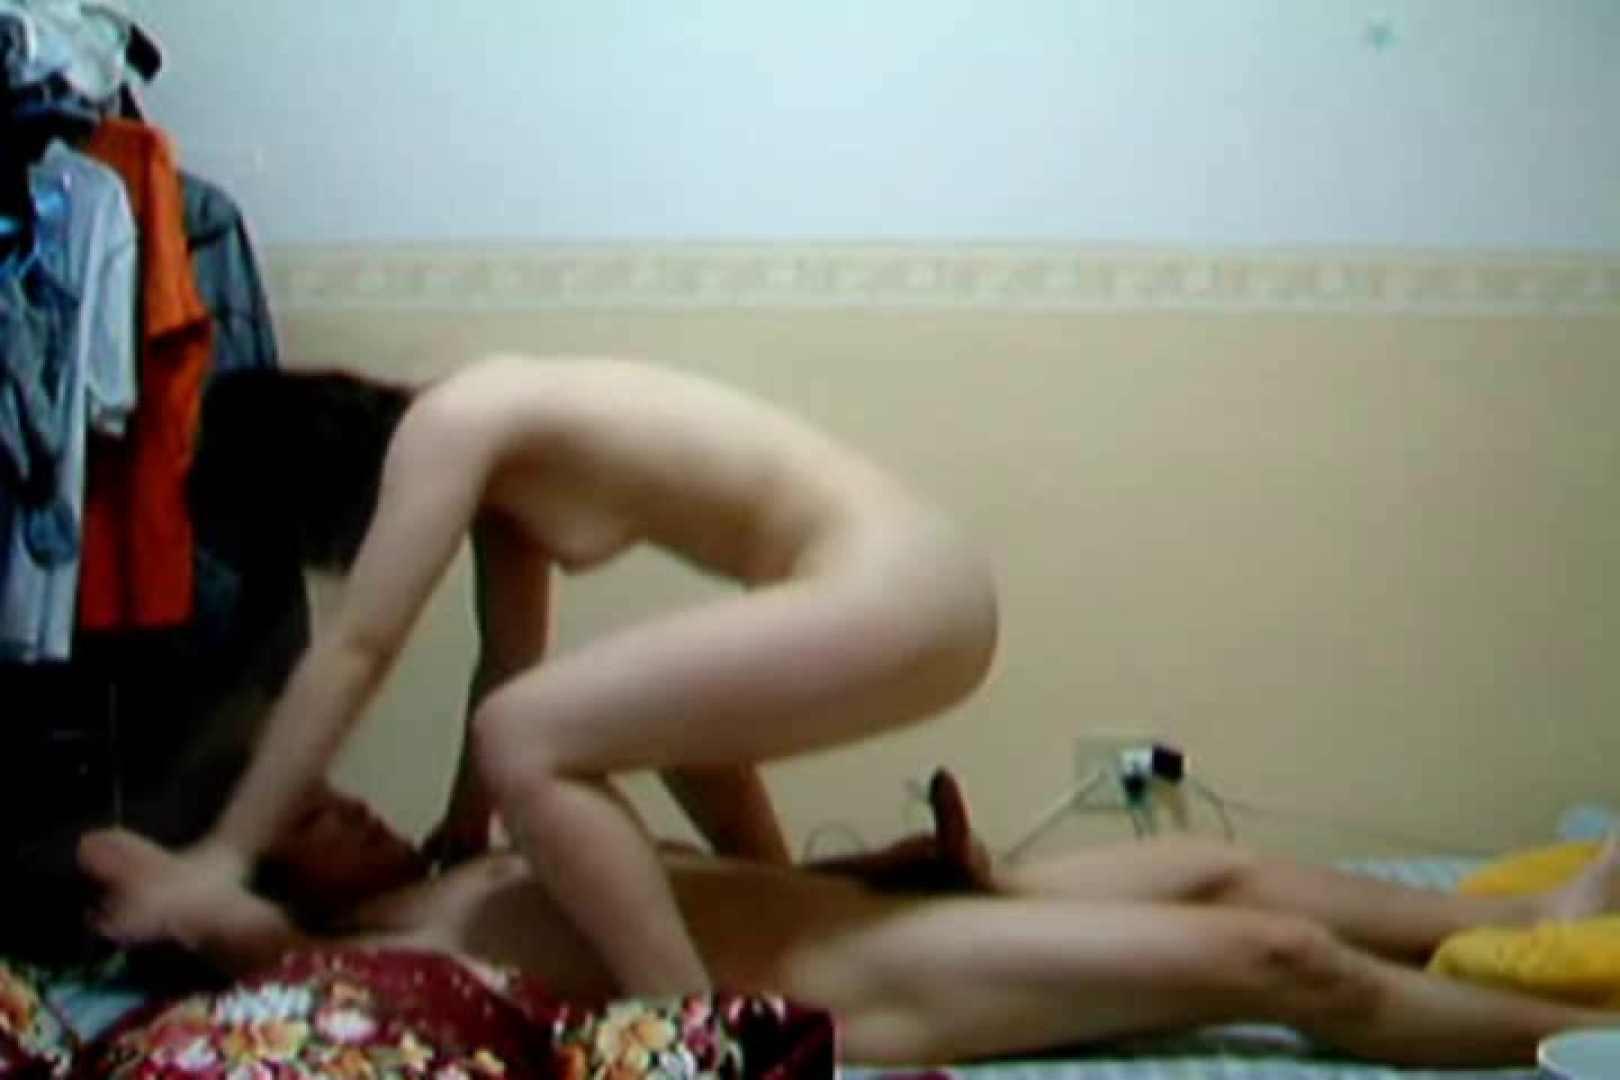 ウイルス流出 鹿児島県庁職員 中瀬瀬久成の流出ビデオ 流出作品 | 0  101画像 57